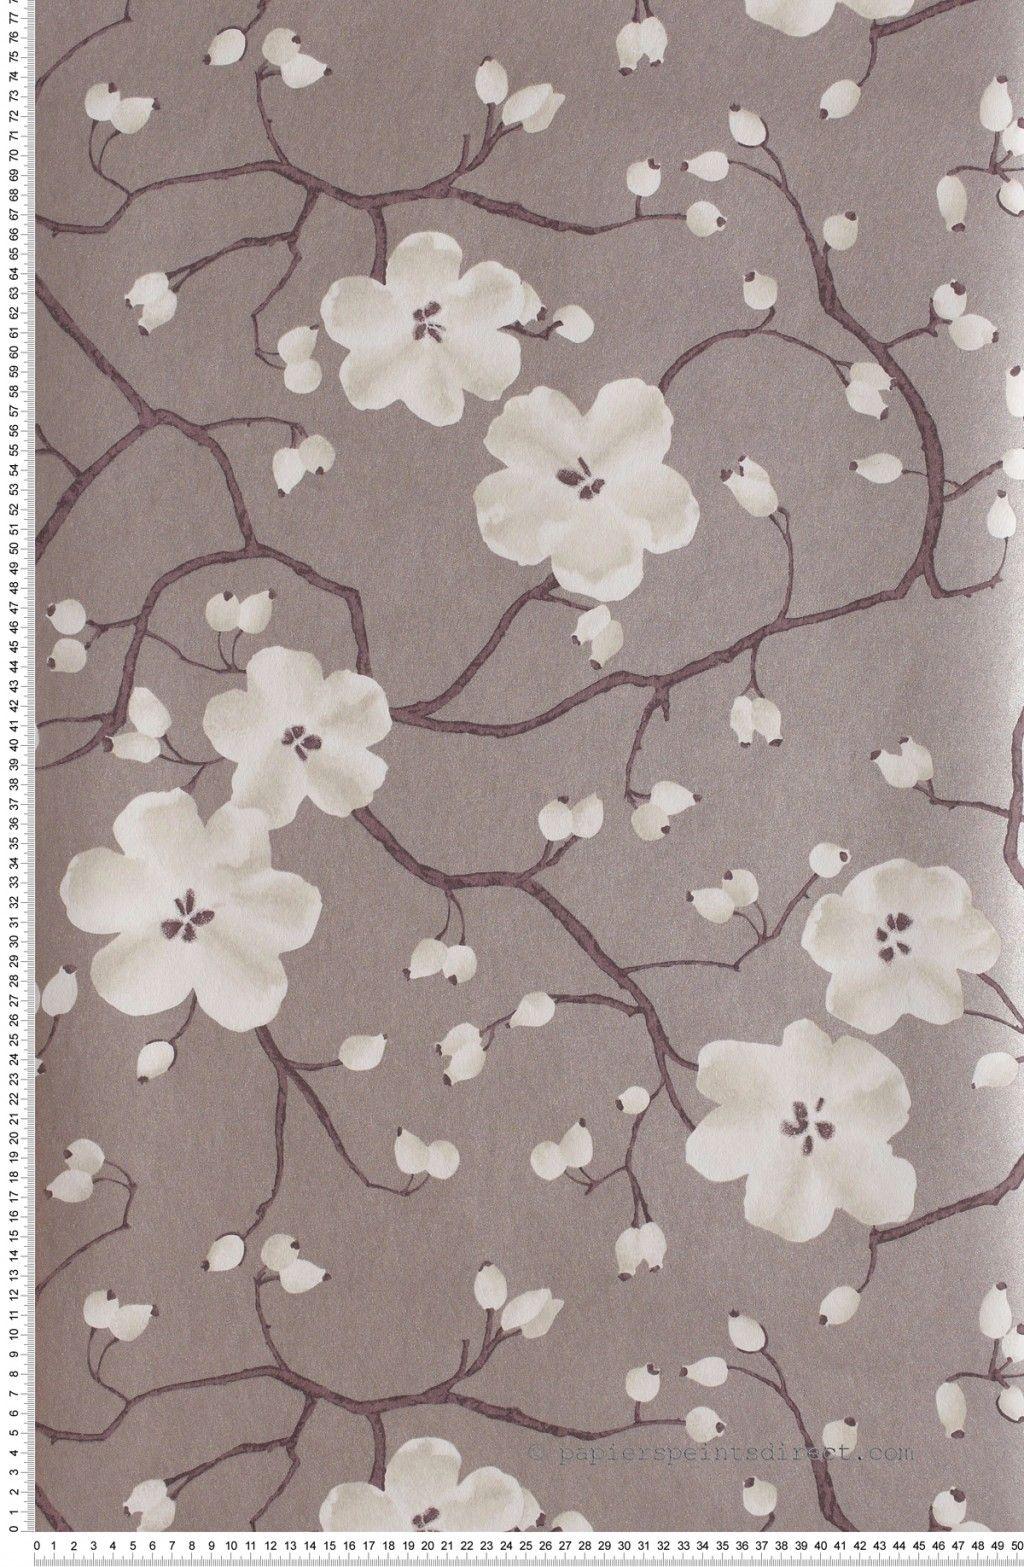 papier peint poppy pourpr tiffanie papier peint chambre pi ce vivre fleurs papier peint. Black Bedroom Furniture Sets. Home Design Ideas